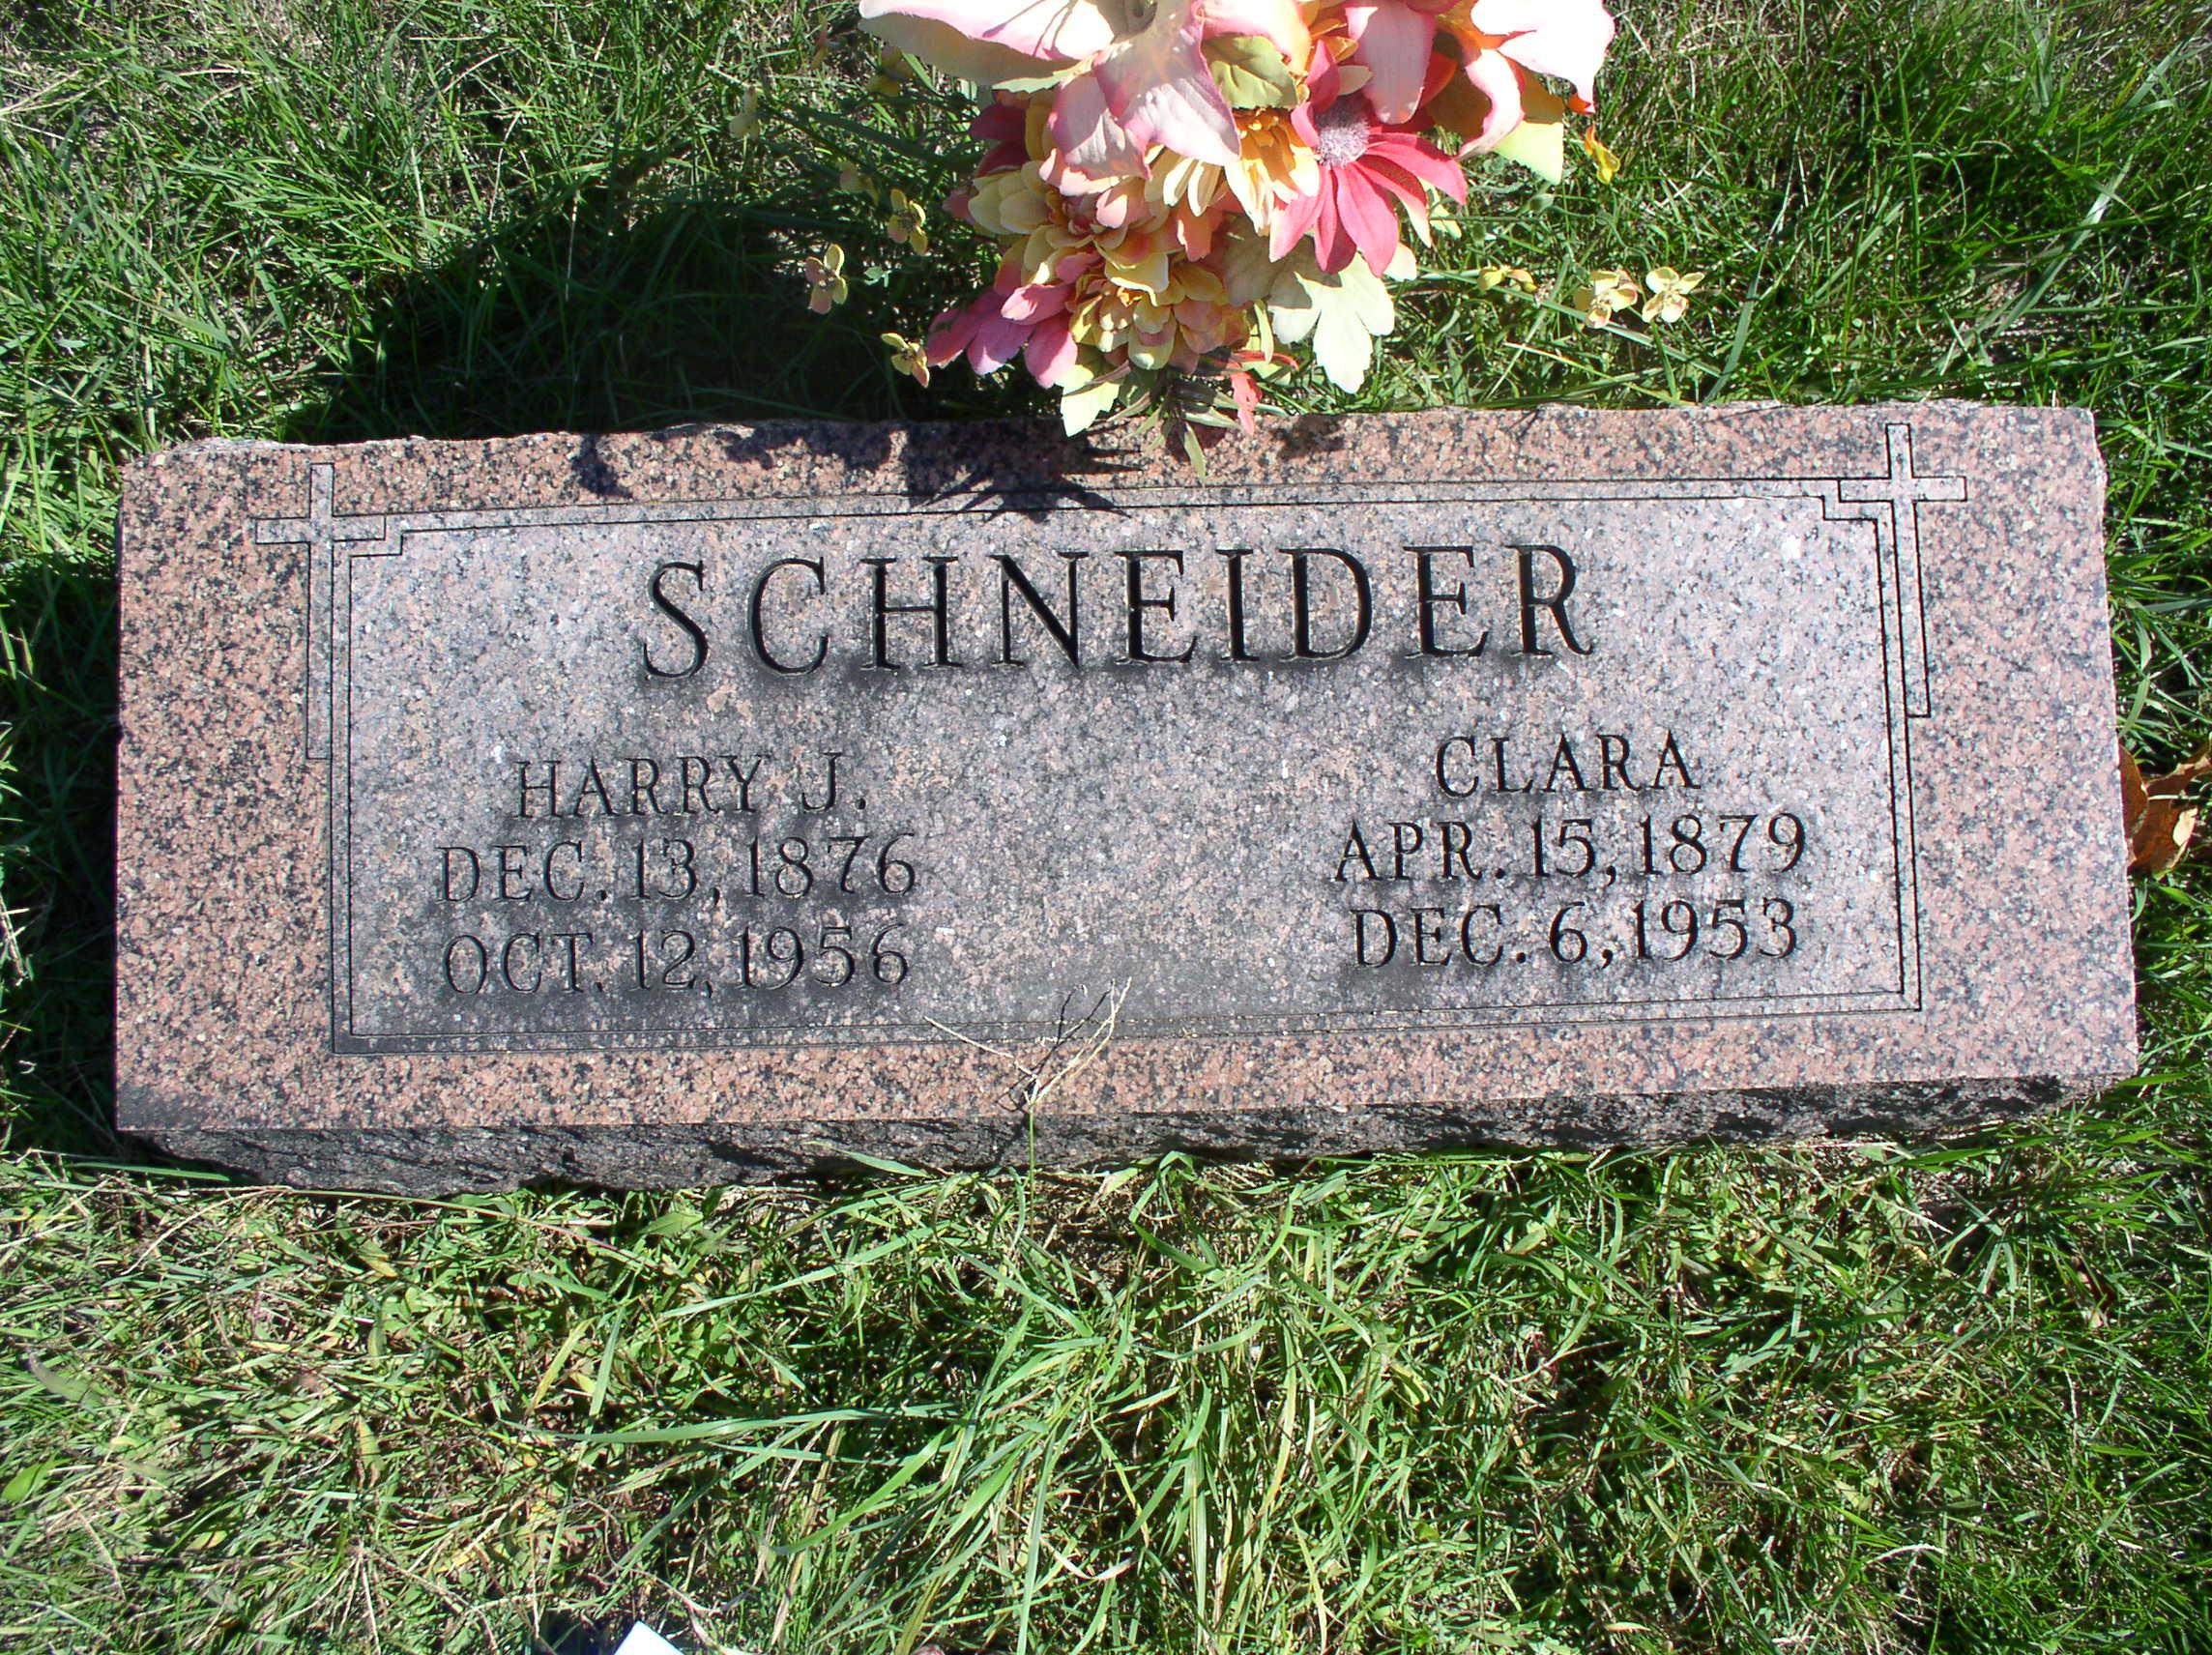 John Schneider